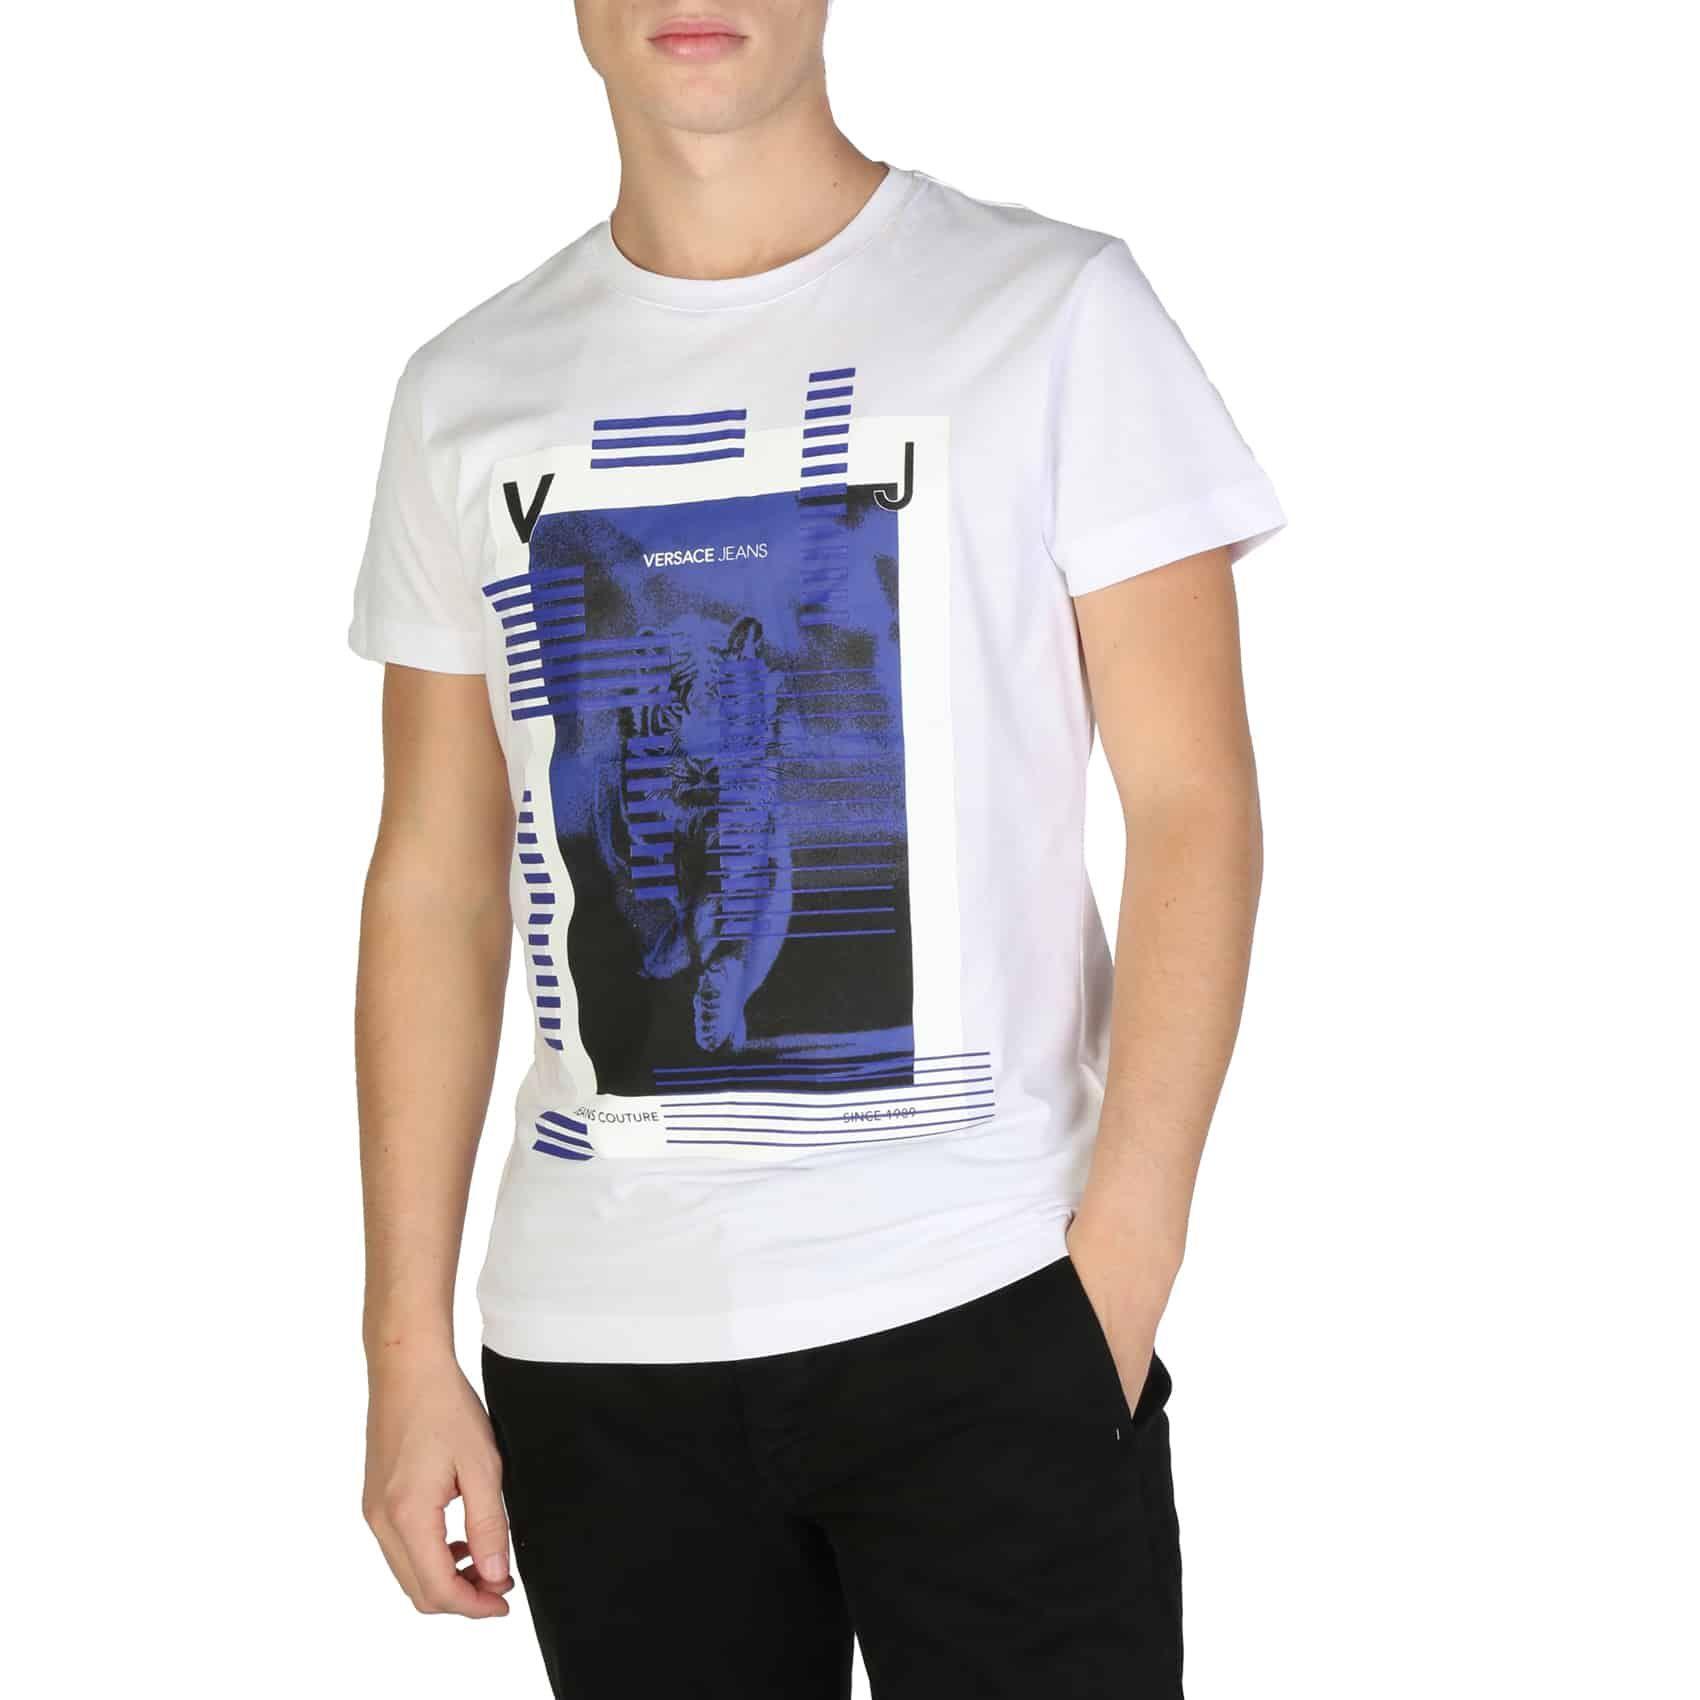 Bekleidung Versace Jeans – B3GSB73A_36598 – Weiß